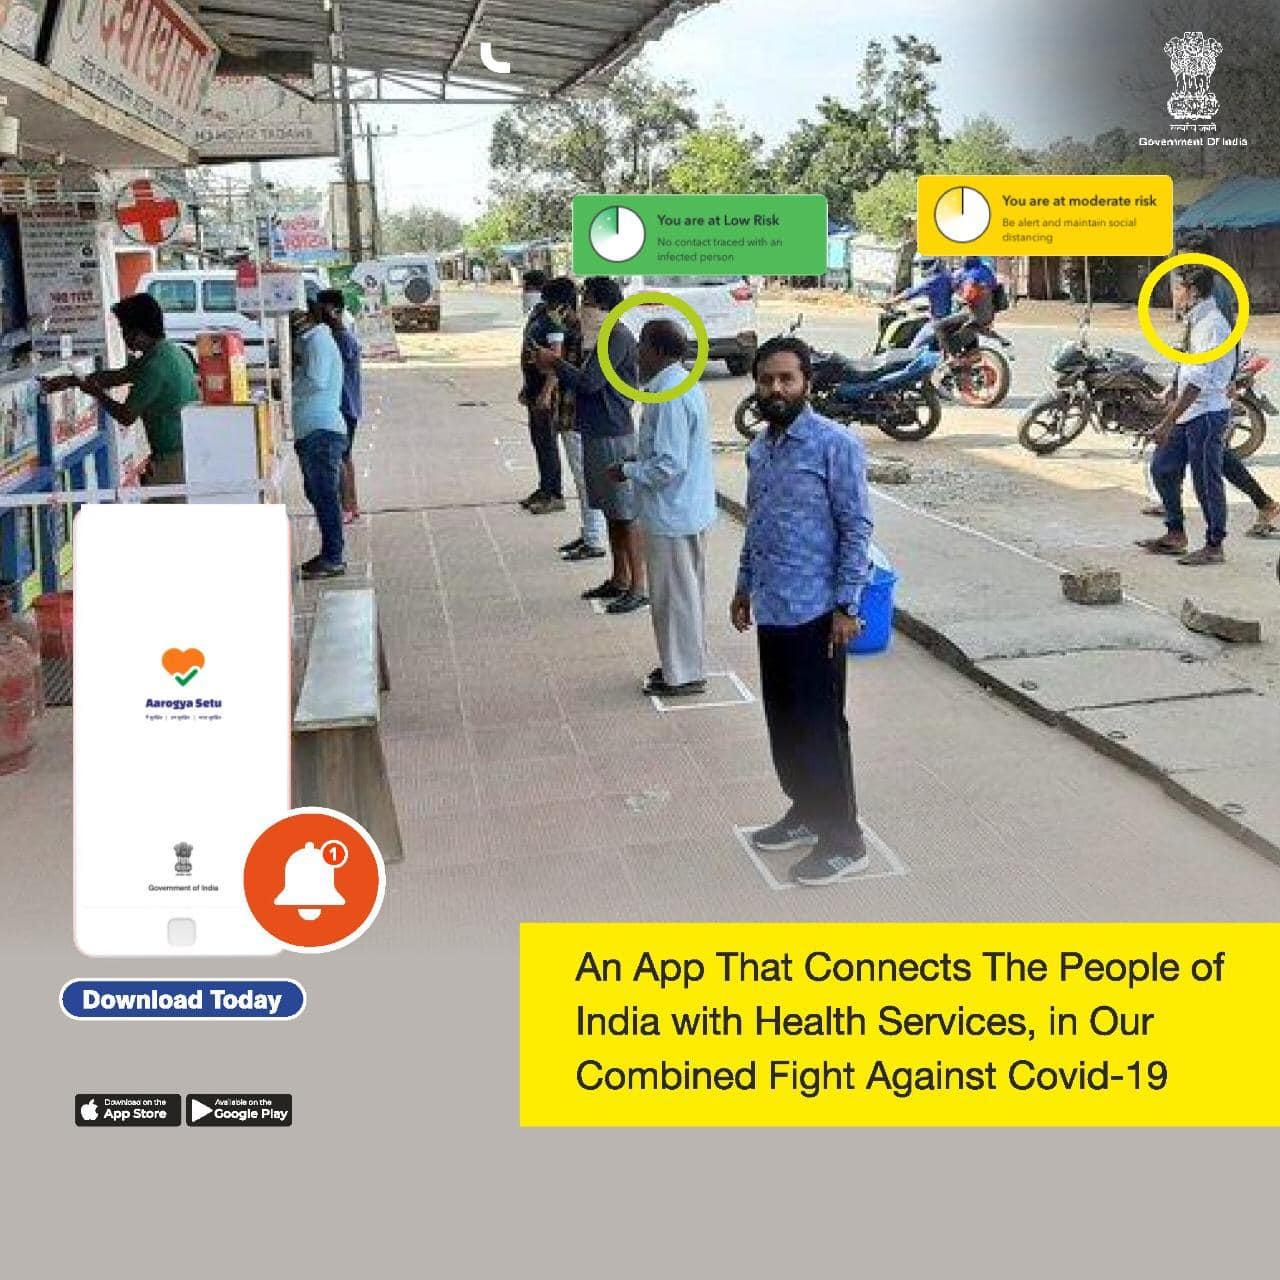 What is AarogyaSetu app